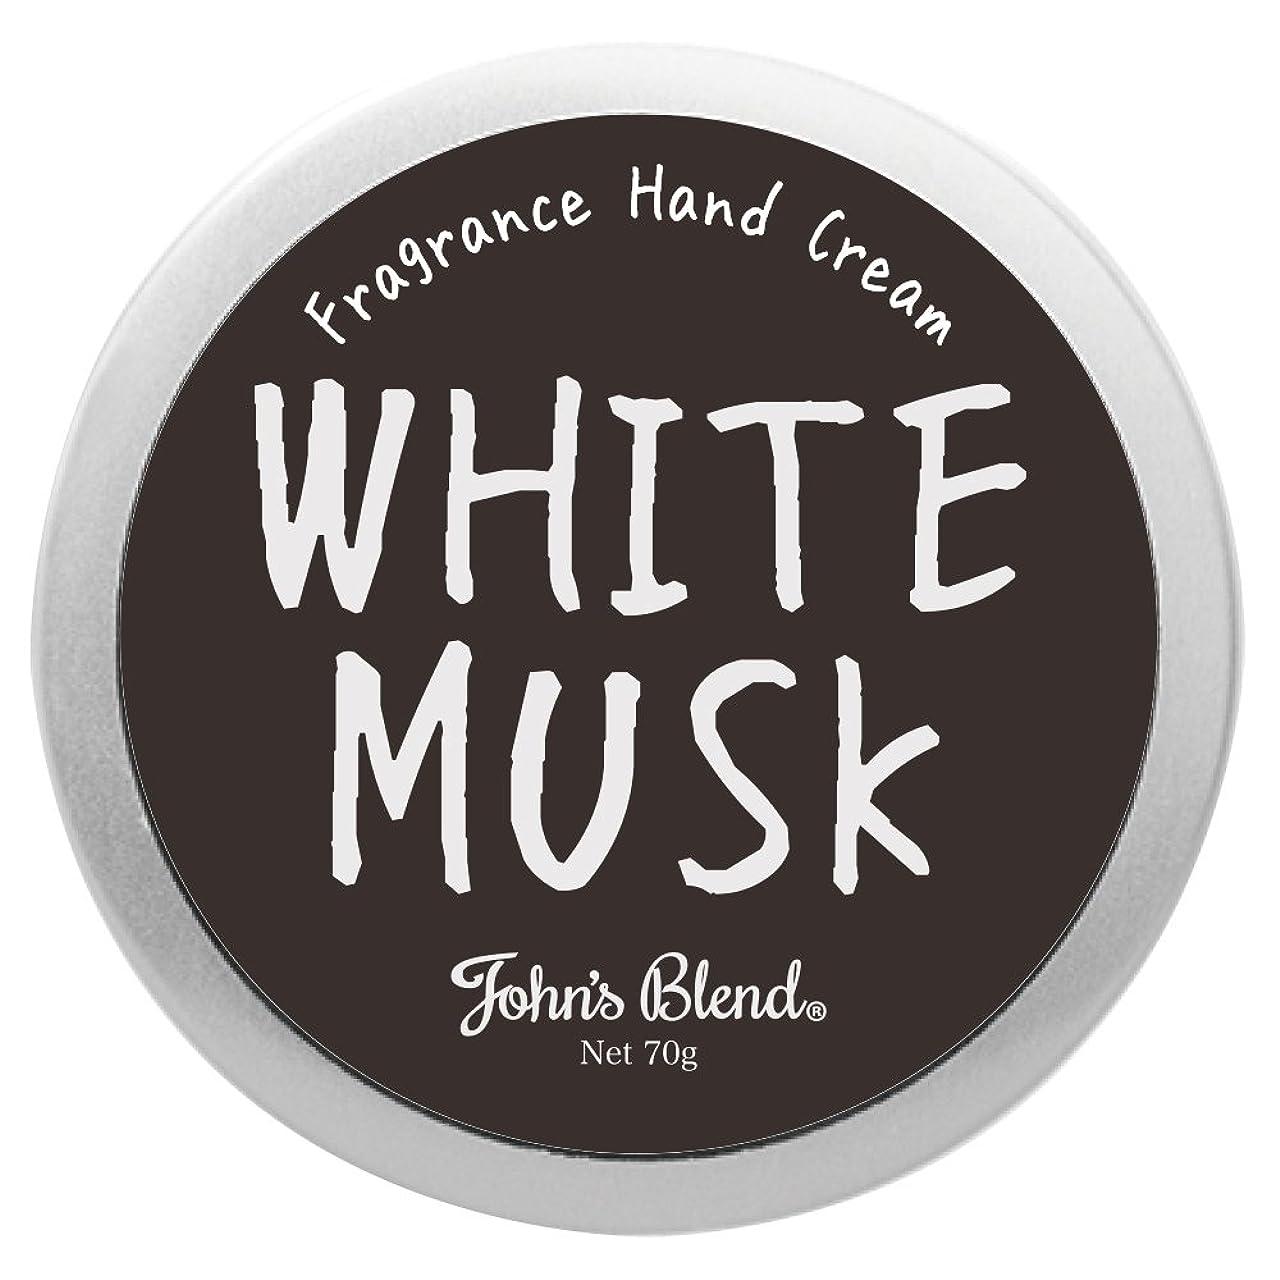 飽和するほんの相手ノルコーポレーション John's Blend ハンドクリーム 保湿成分配合 OZ-JOD-1-1 ホワイトムスクの香り 70g